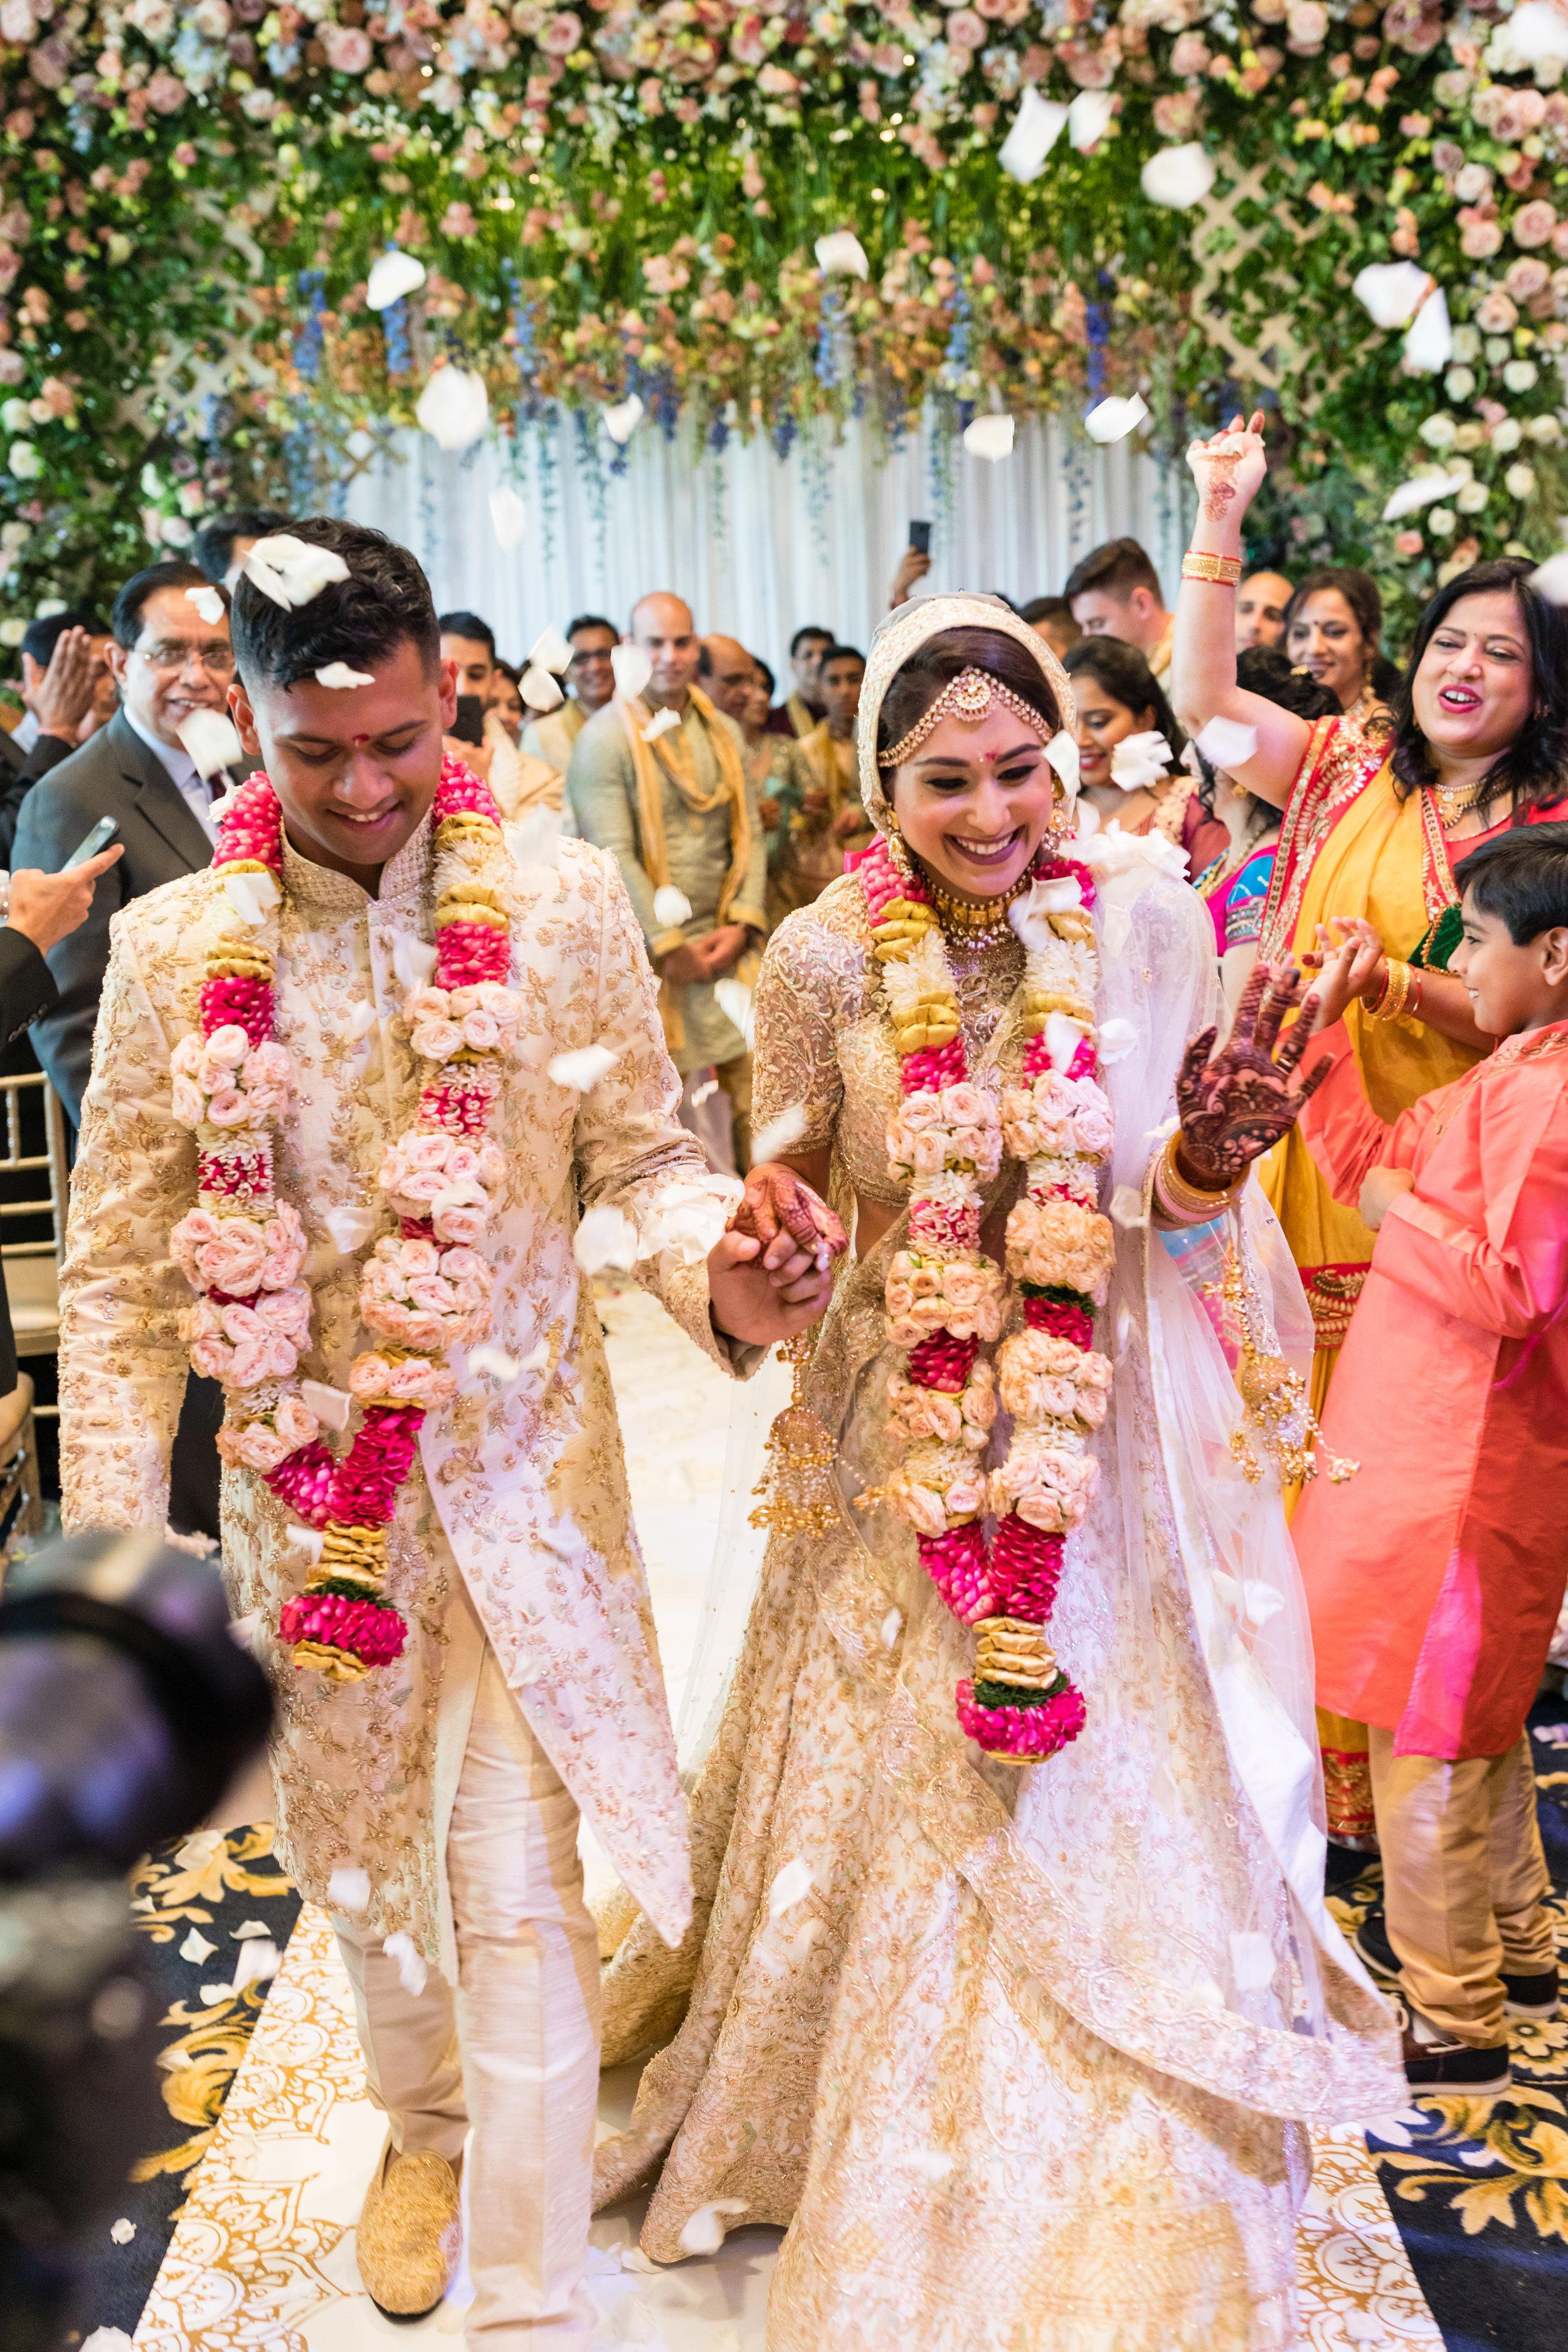 INDIAN WEDDING BRIDE AND GROOM MARRIED.jpg